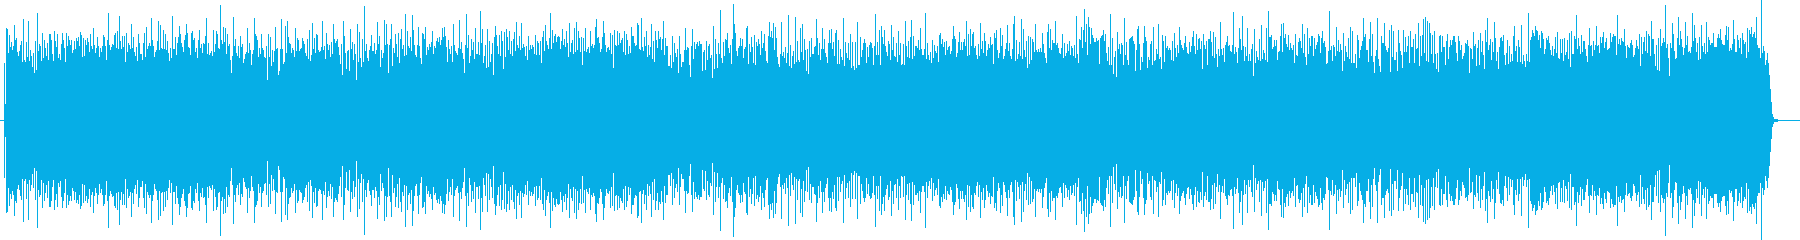 疾走感と躍動感の明るいポップスの再生済みの波形